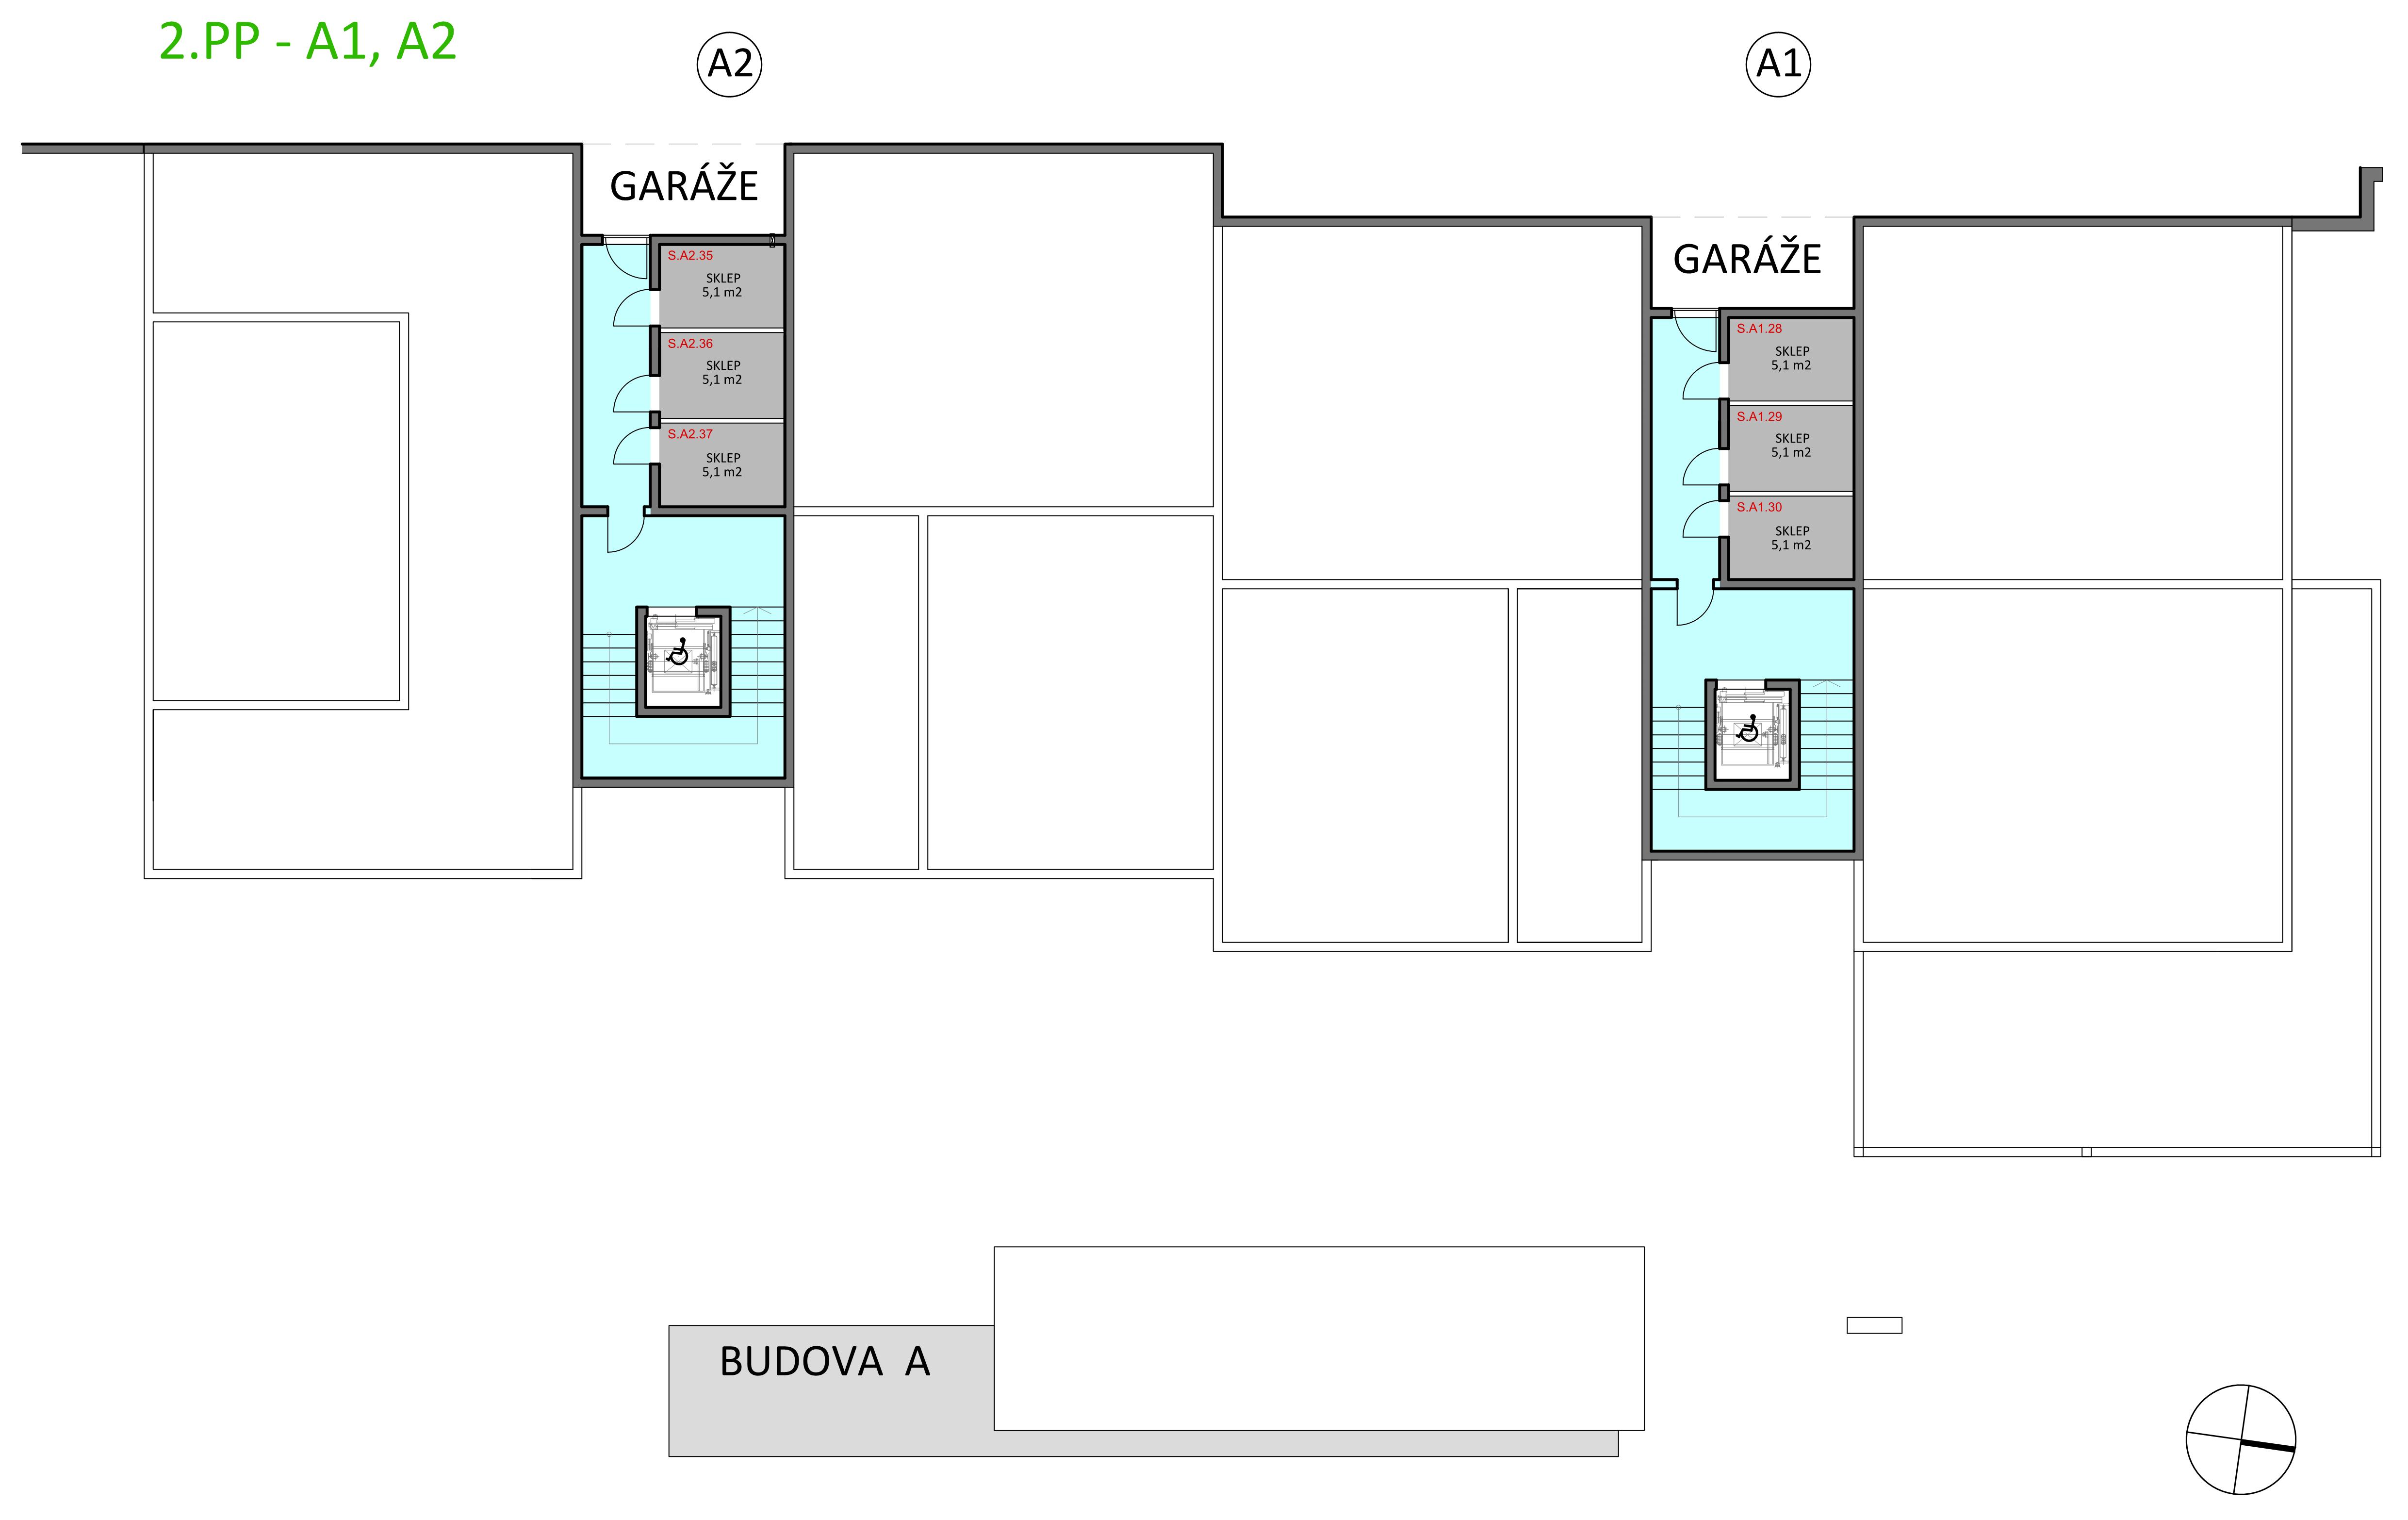 dům A - sklepy (2.PP)